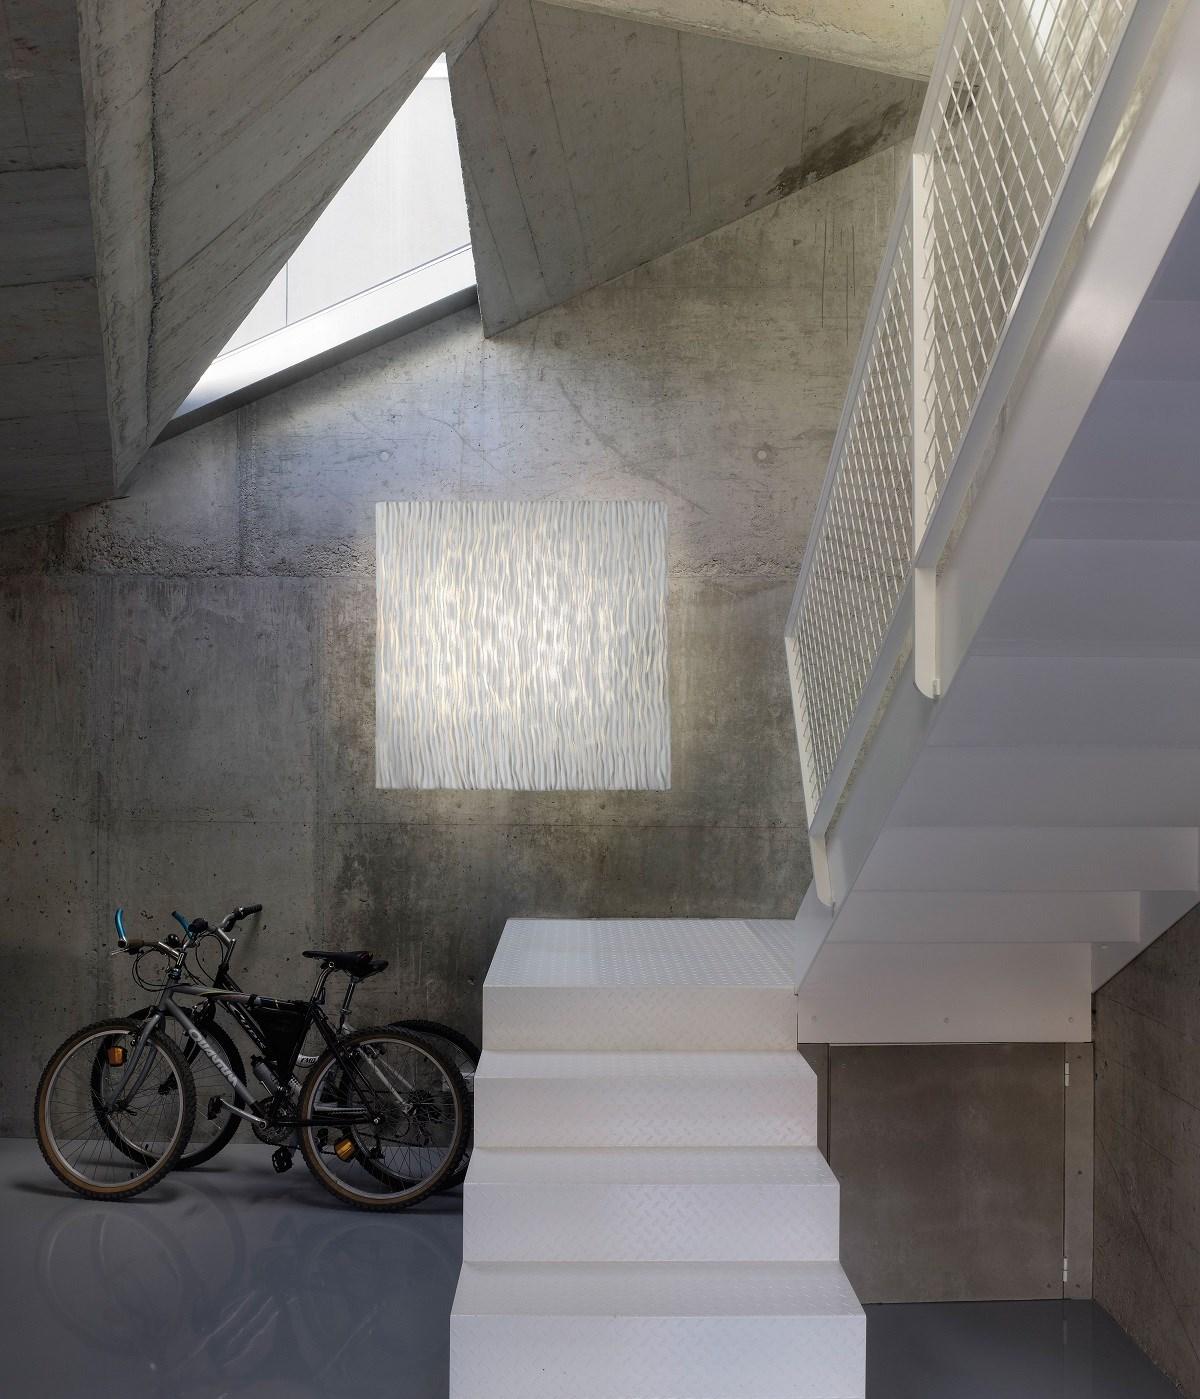 Arturo-Alvarez-Planum-Wall-Ceiling-Light-Matisse-3